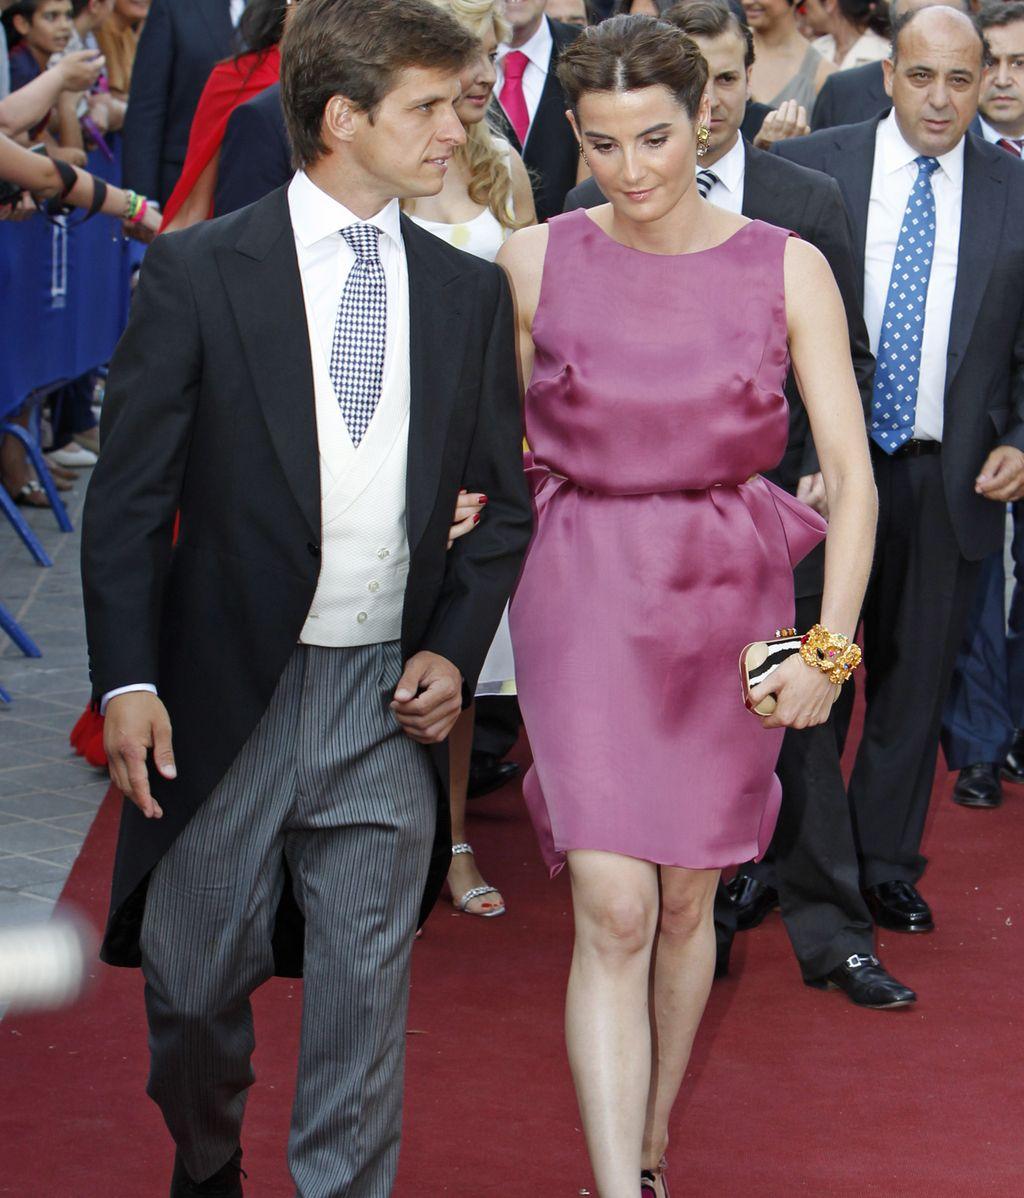 El Juli y Rosario Domecq